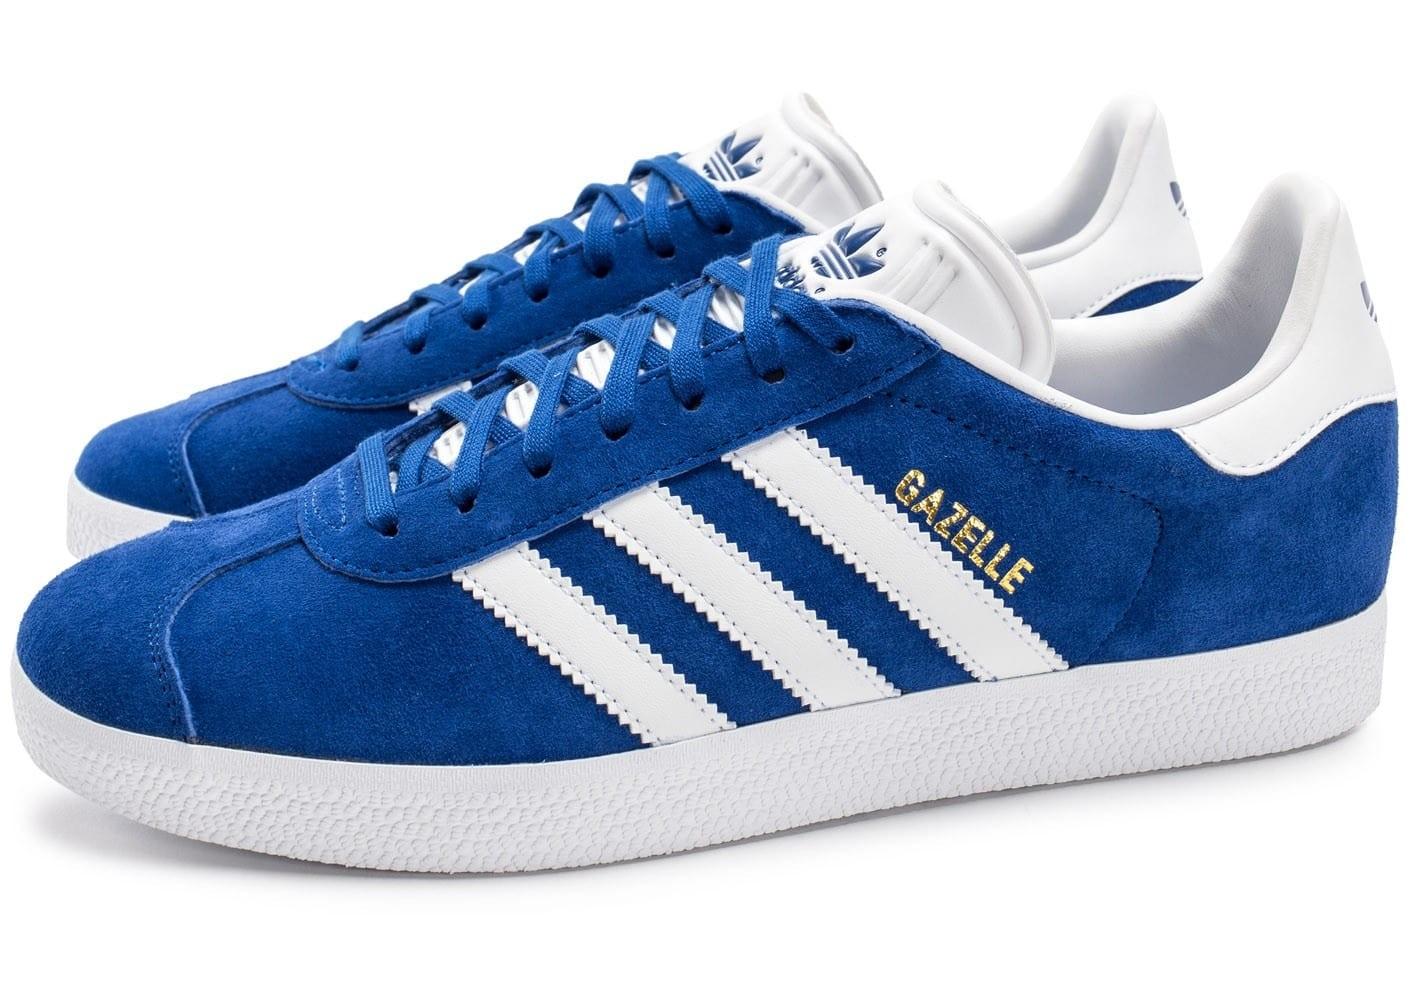 adidas gazelle femme bleu fonce